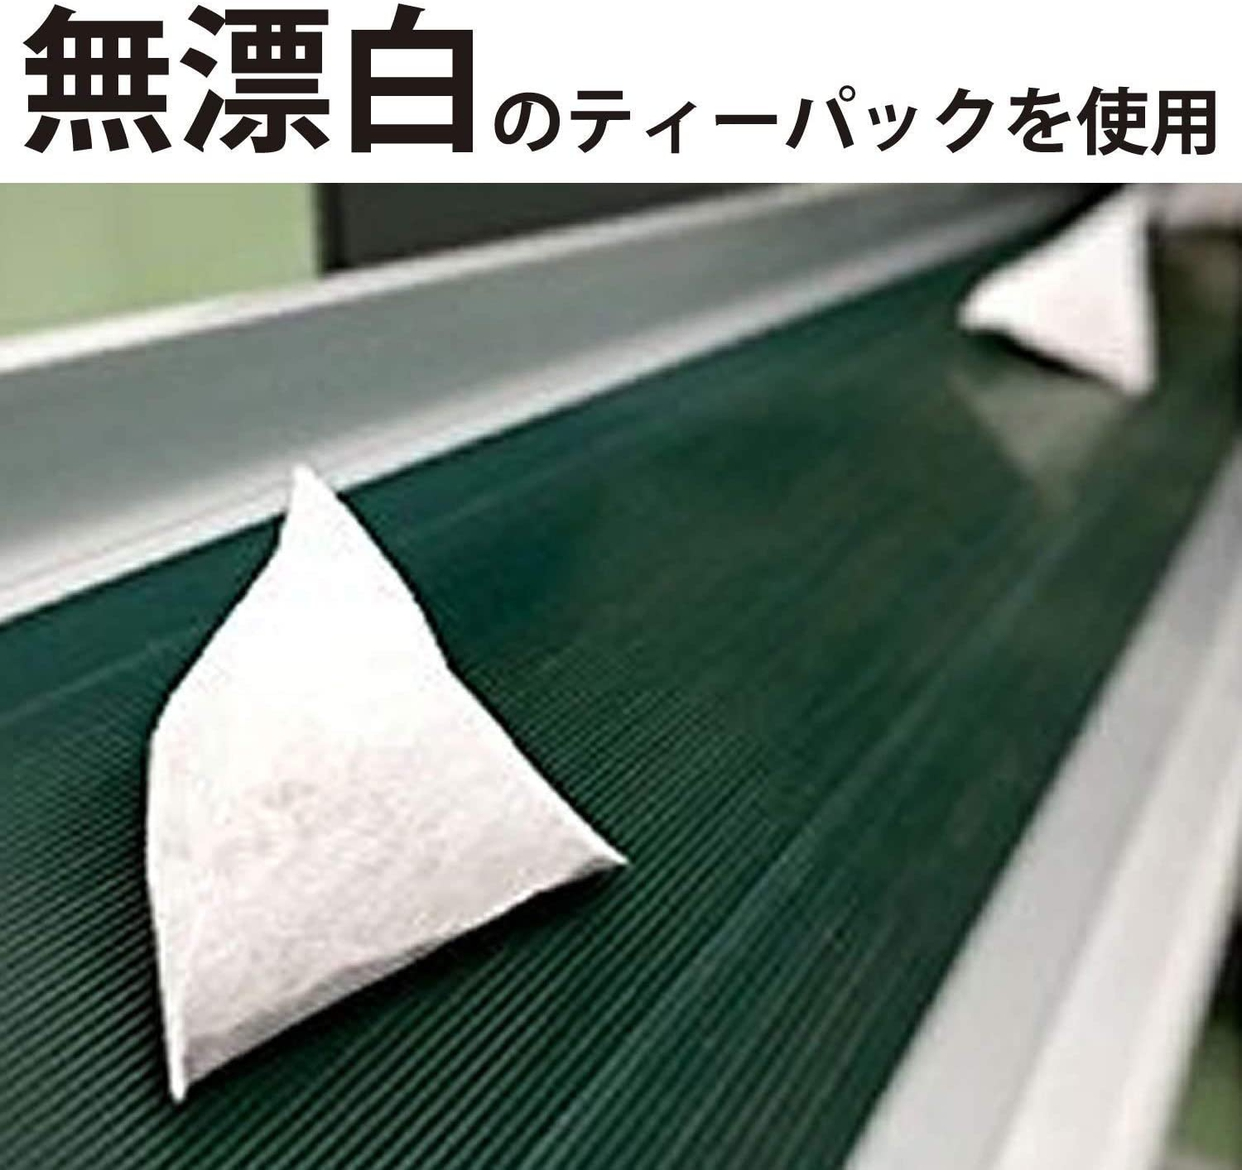 がばい農園 国産手作り ごぼう茶の商品画像6